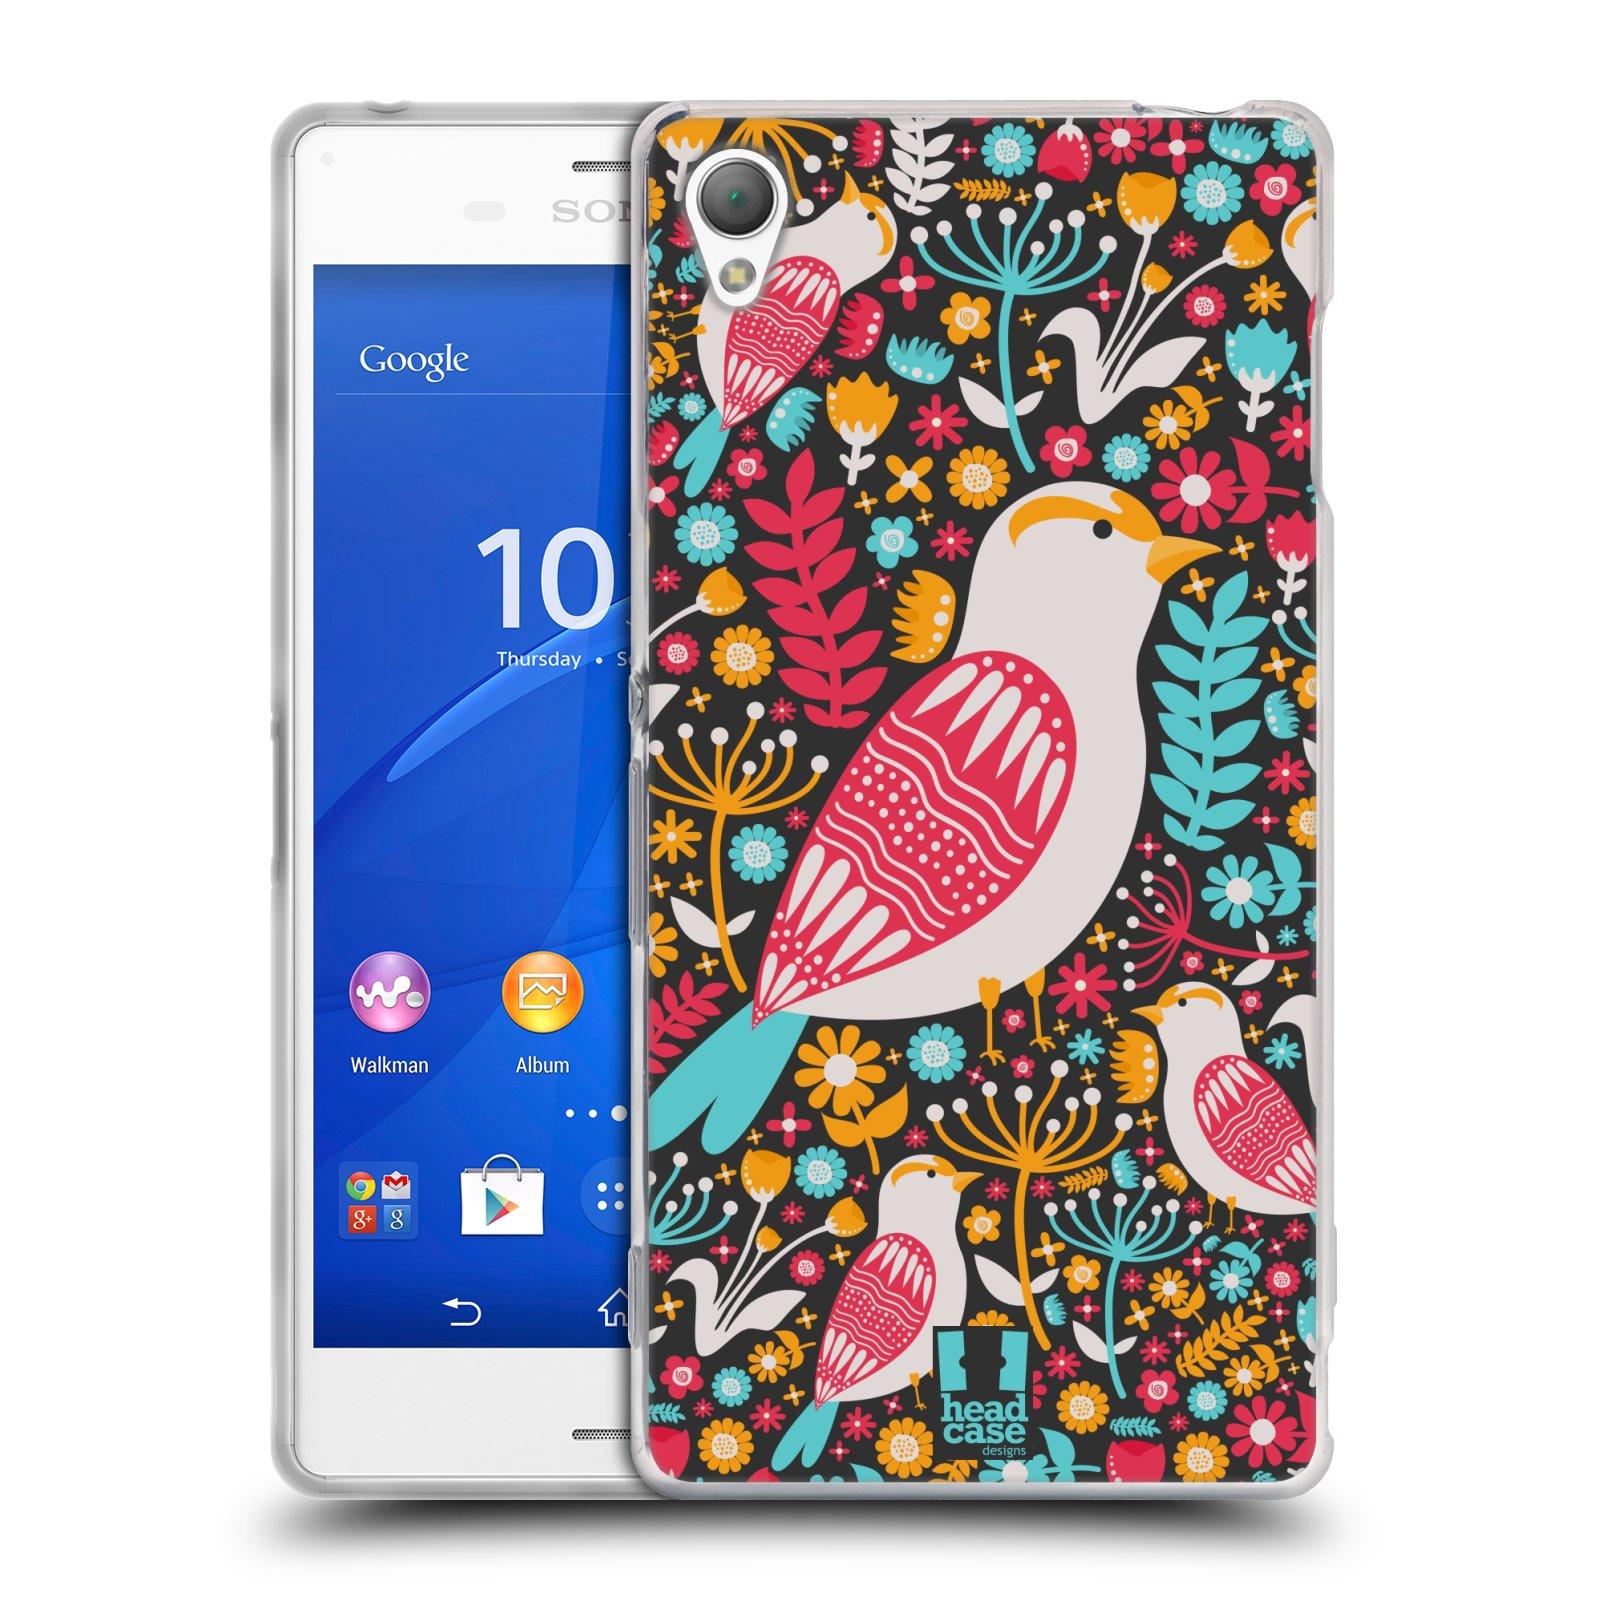 HEAD CASE silikonový obal na mobil Sony Xperia Z3 vzor kreslení ptáci dlask obecný